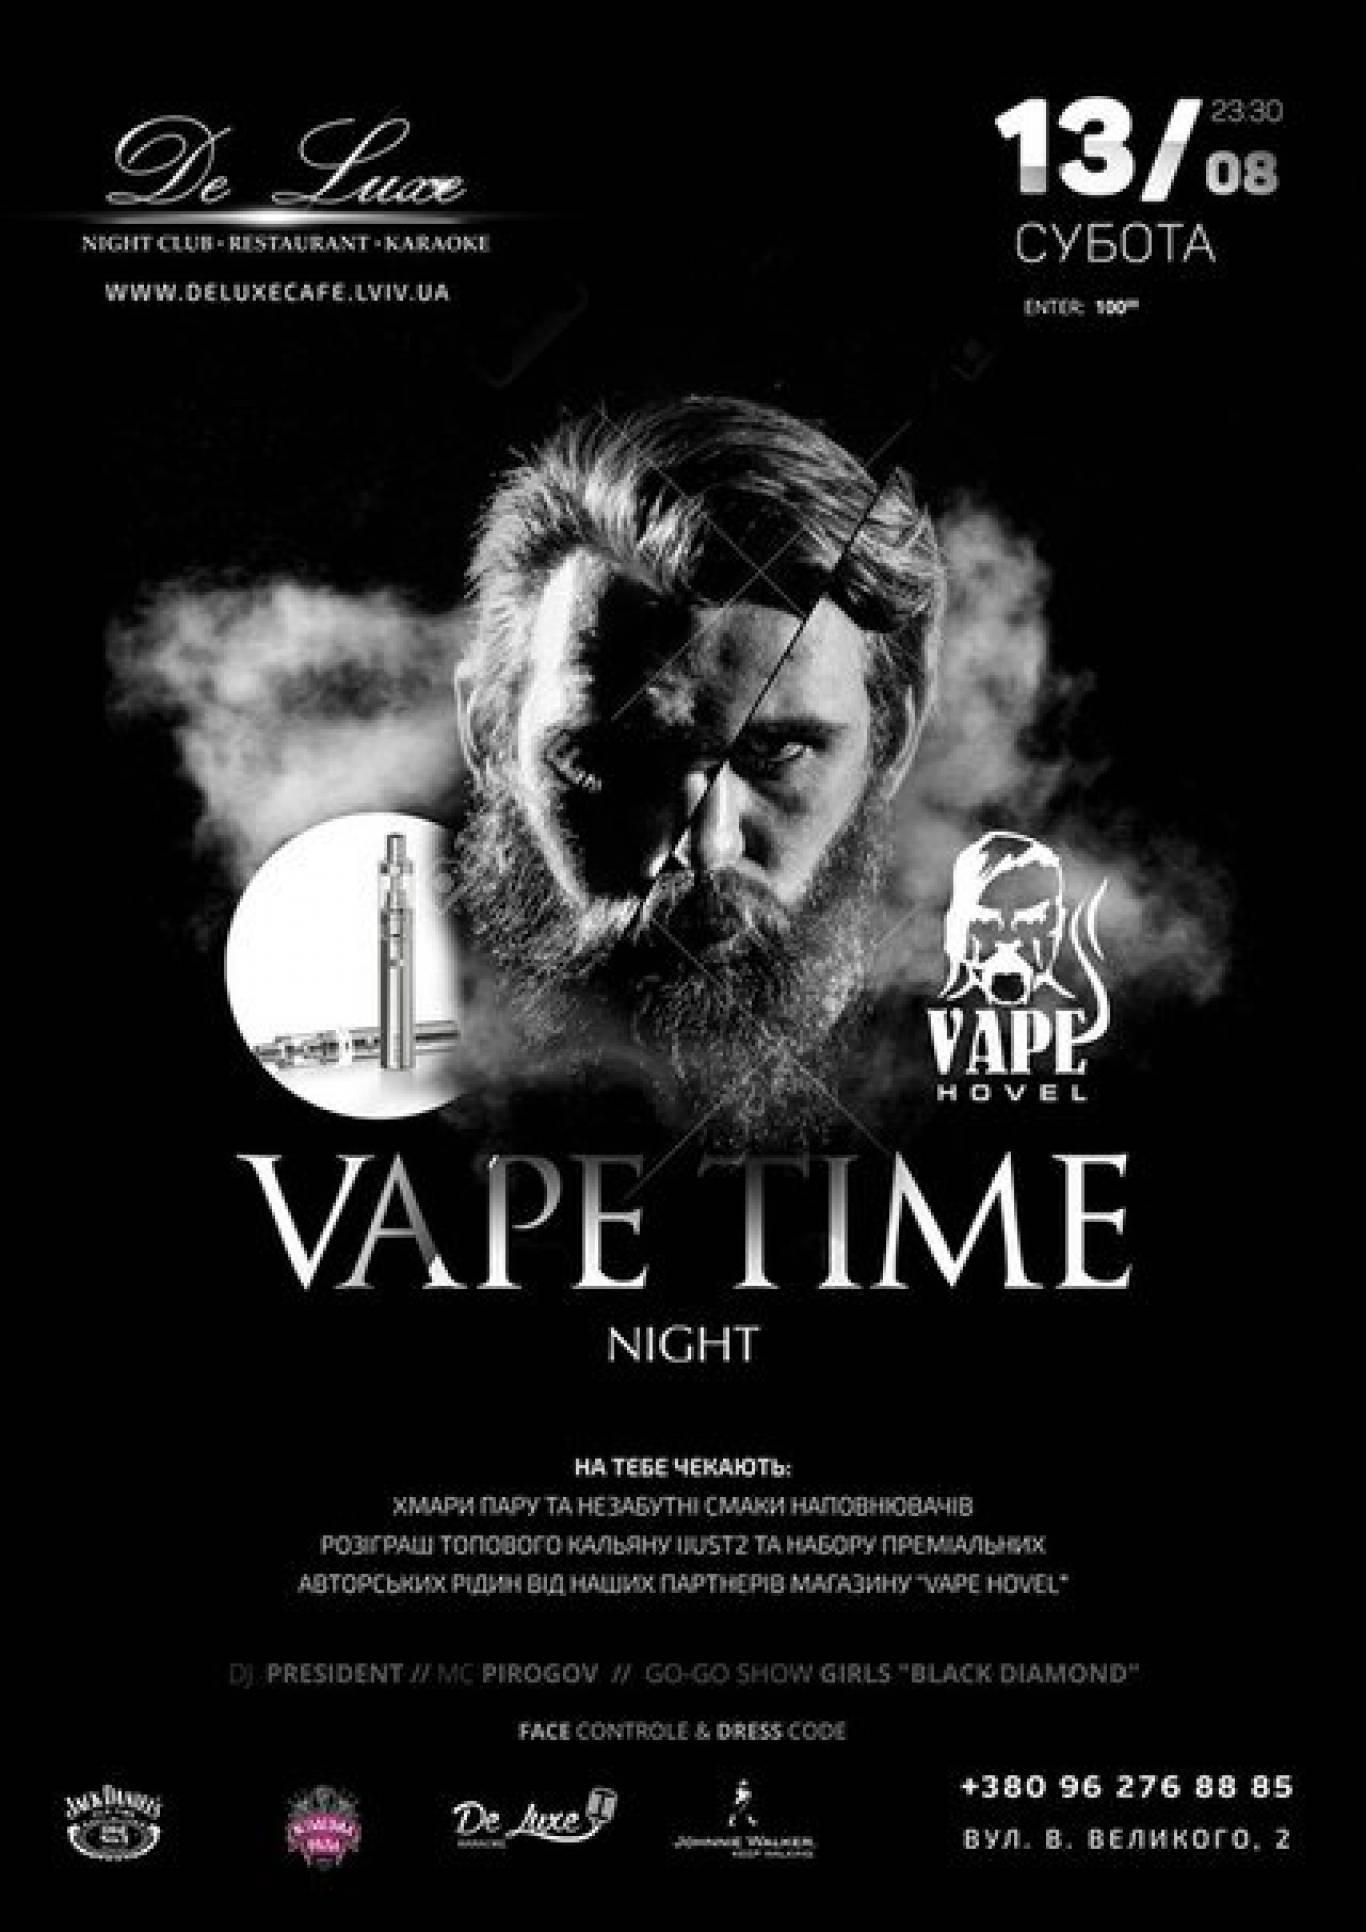 Вечірка Vape time night